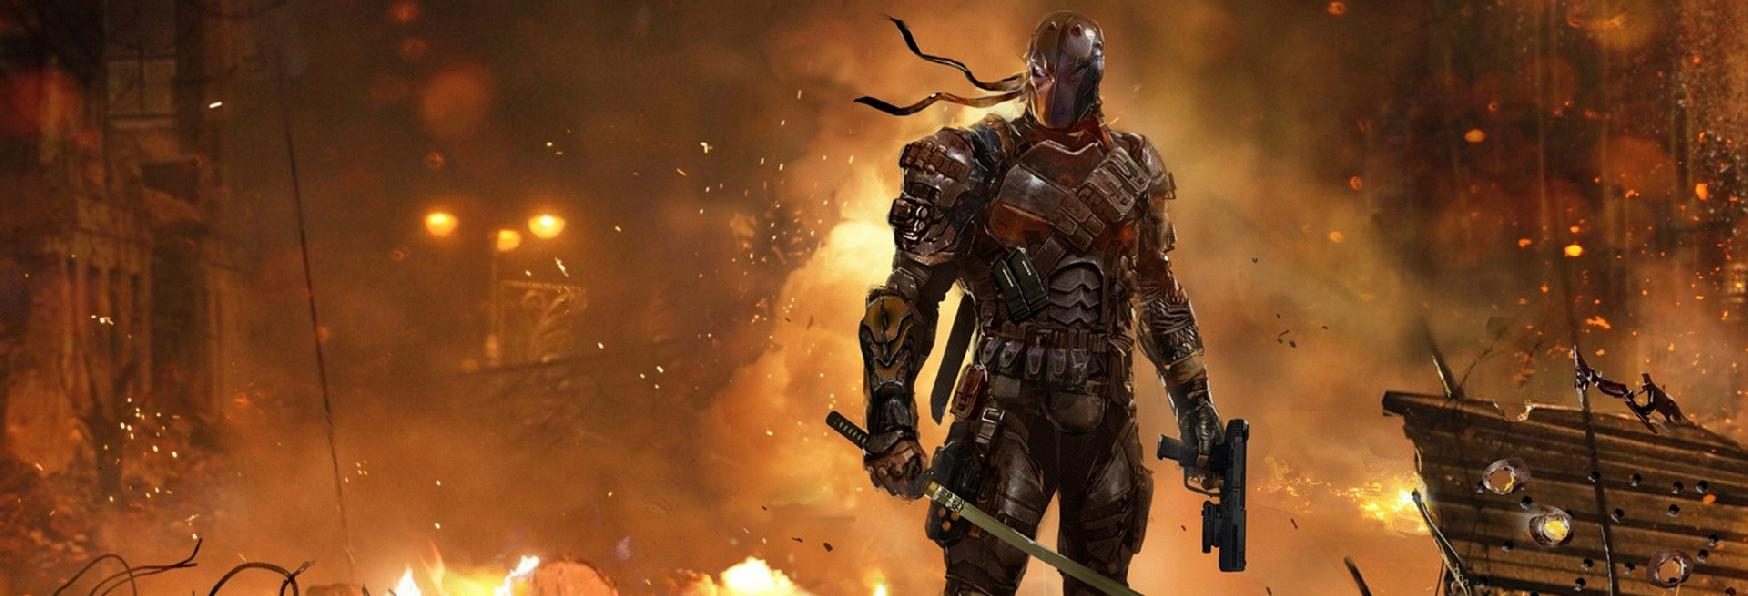 Titans: nella Seconda Stagione arriva il famigerato Deathstroke